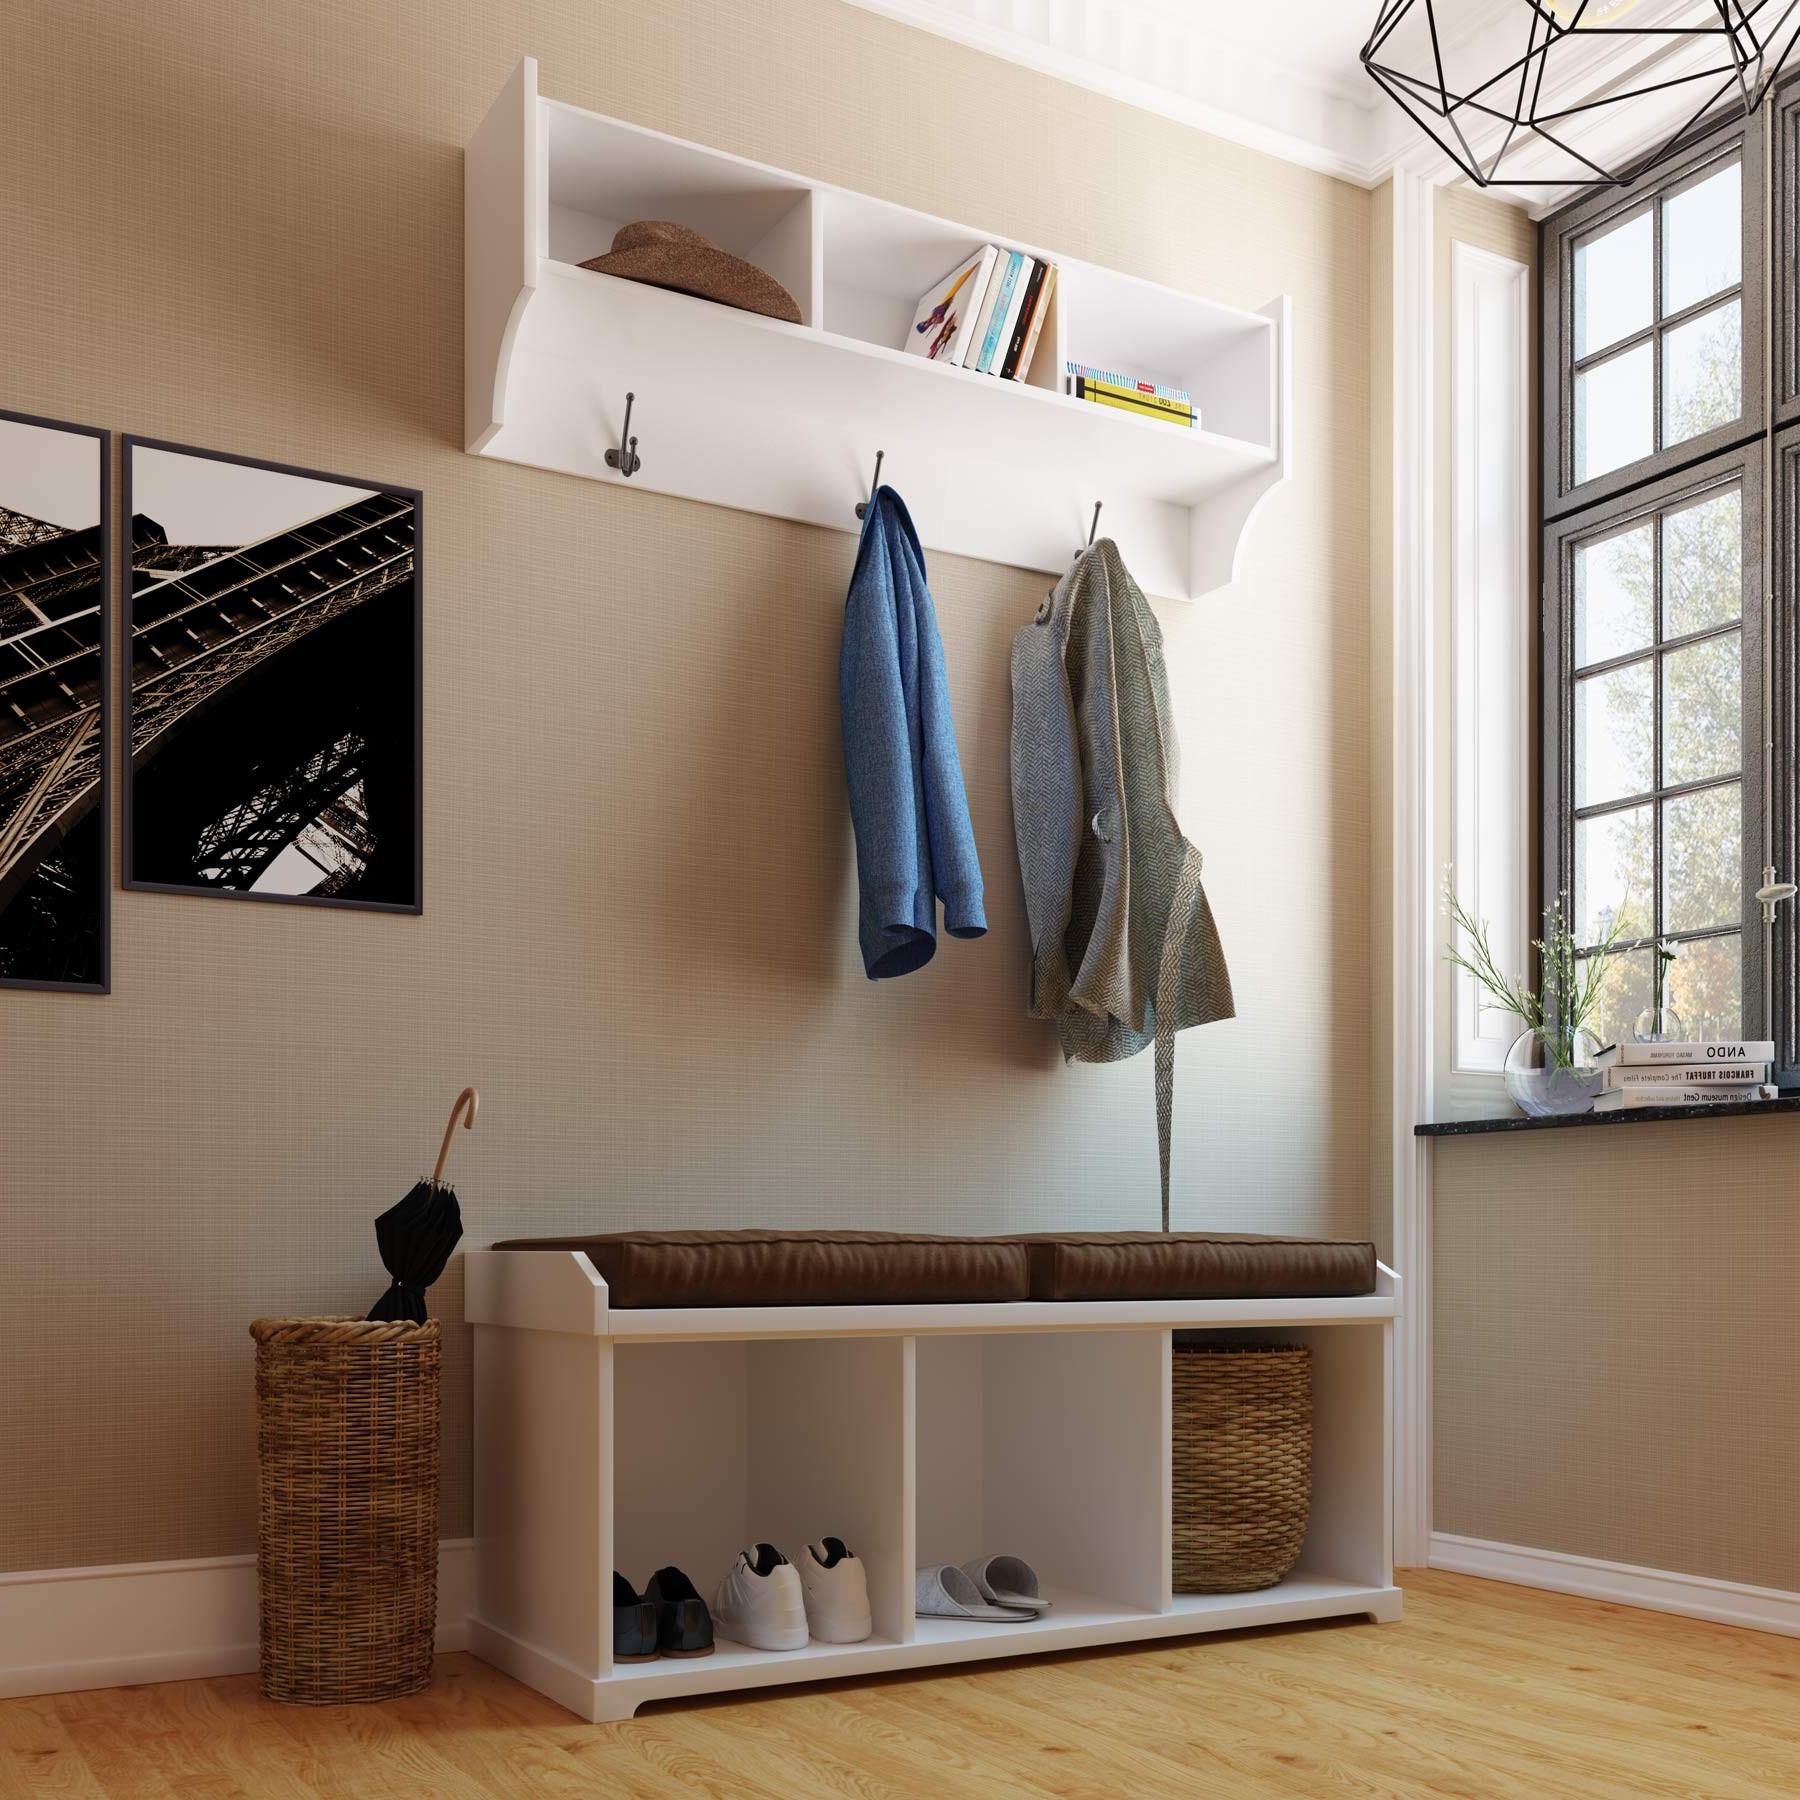 El Mueble Recibidores E6d5 Mueble Recibidor Lacado Puesto Lite